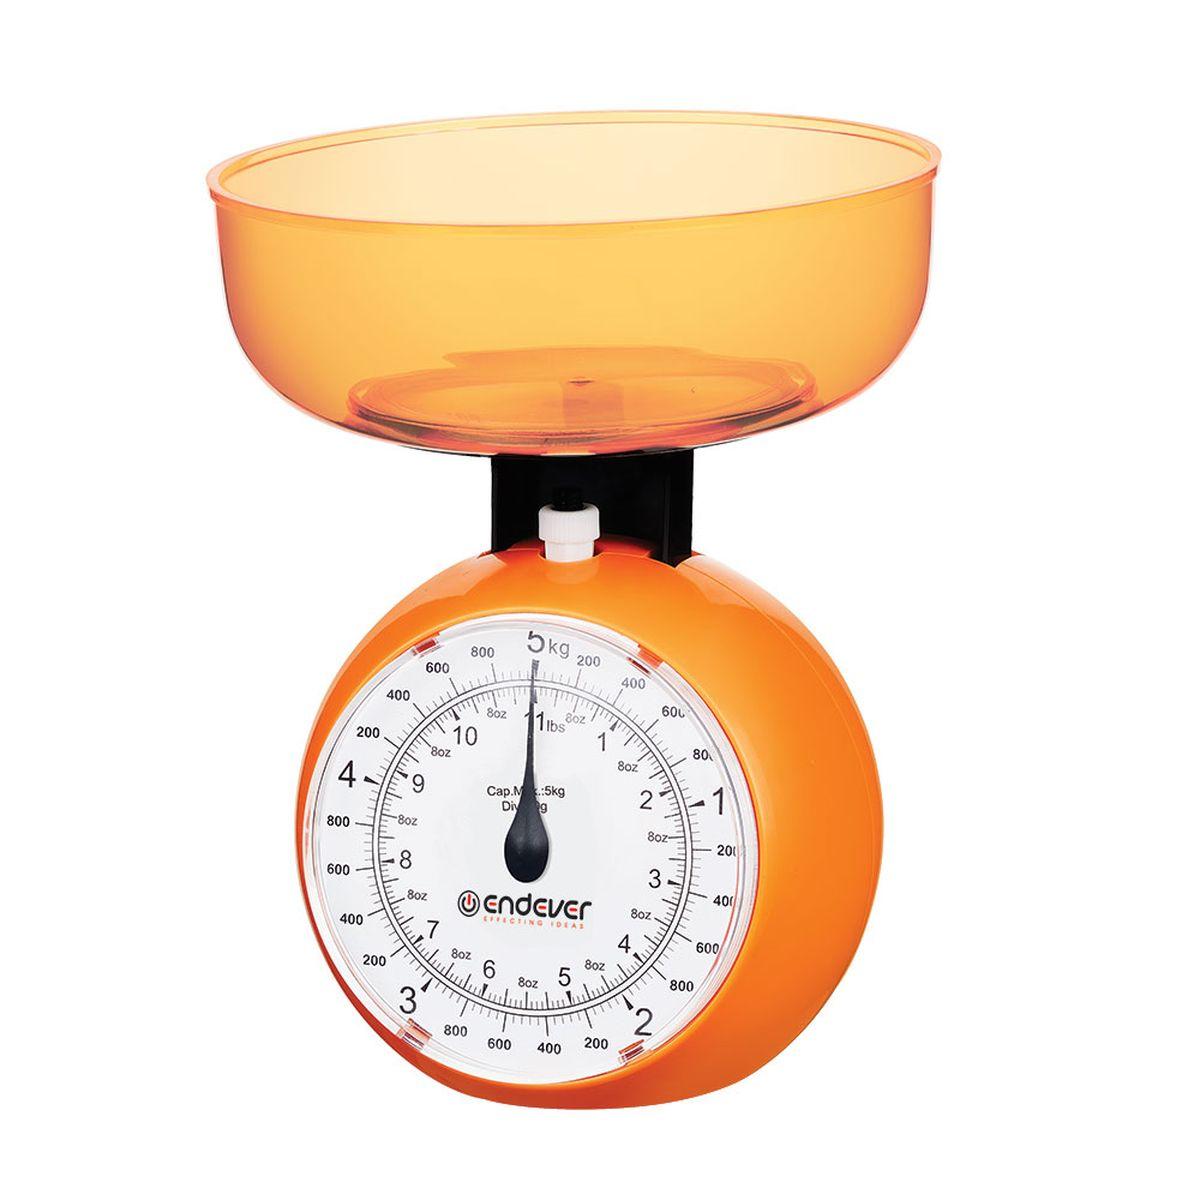 Endever KS-518 весы кухонныеKS-518Кухонные механические весы Endever KS-518 - незаменимые помощники современной хозяйки. Они помогут точно взвесить любые продукты и ингредиенты. Кроме того, позволят людям, соблюдающим диету, контролировать количество съедаемой пищи и размеры порций. Удобная чаша позволяет взвешивать сыпучие продукты.